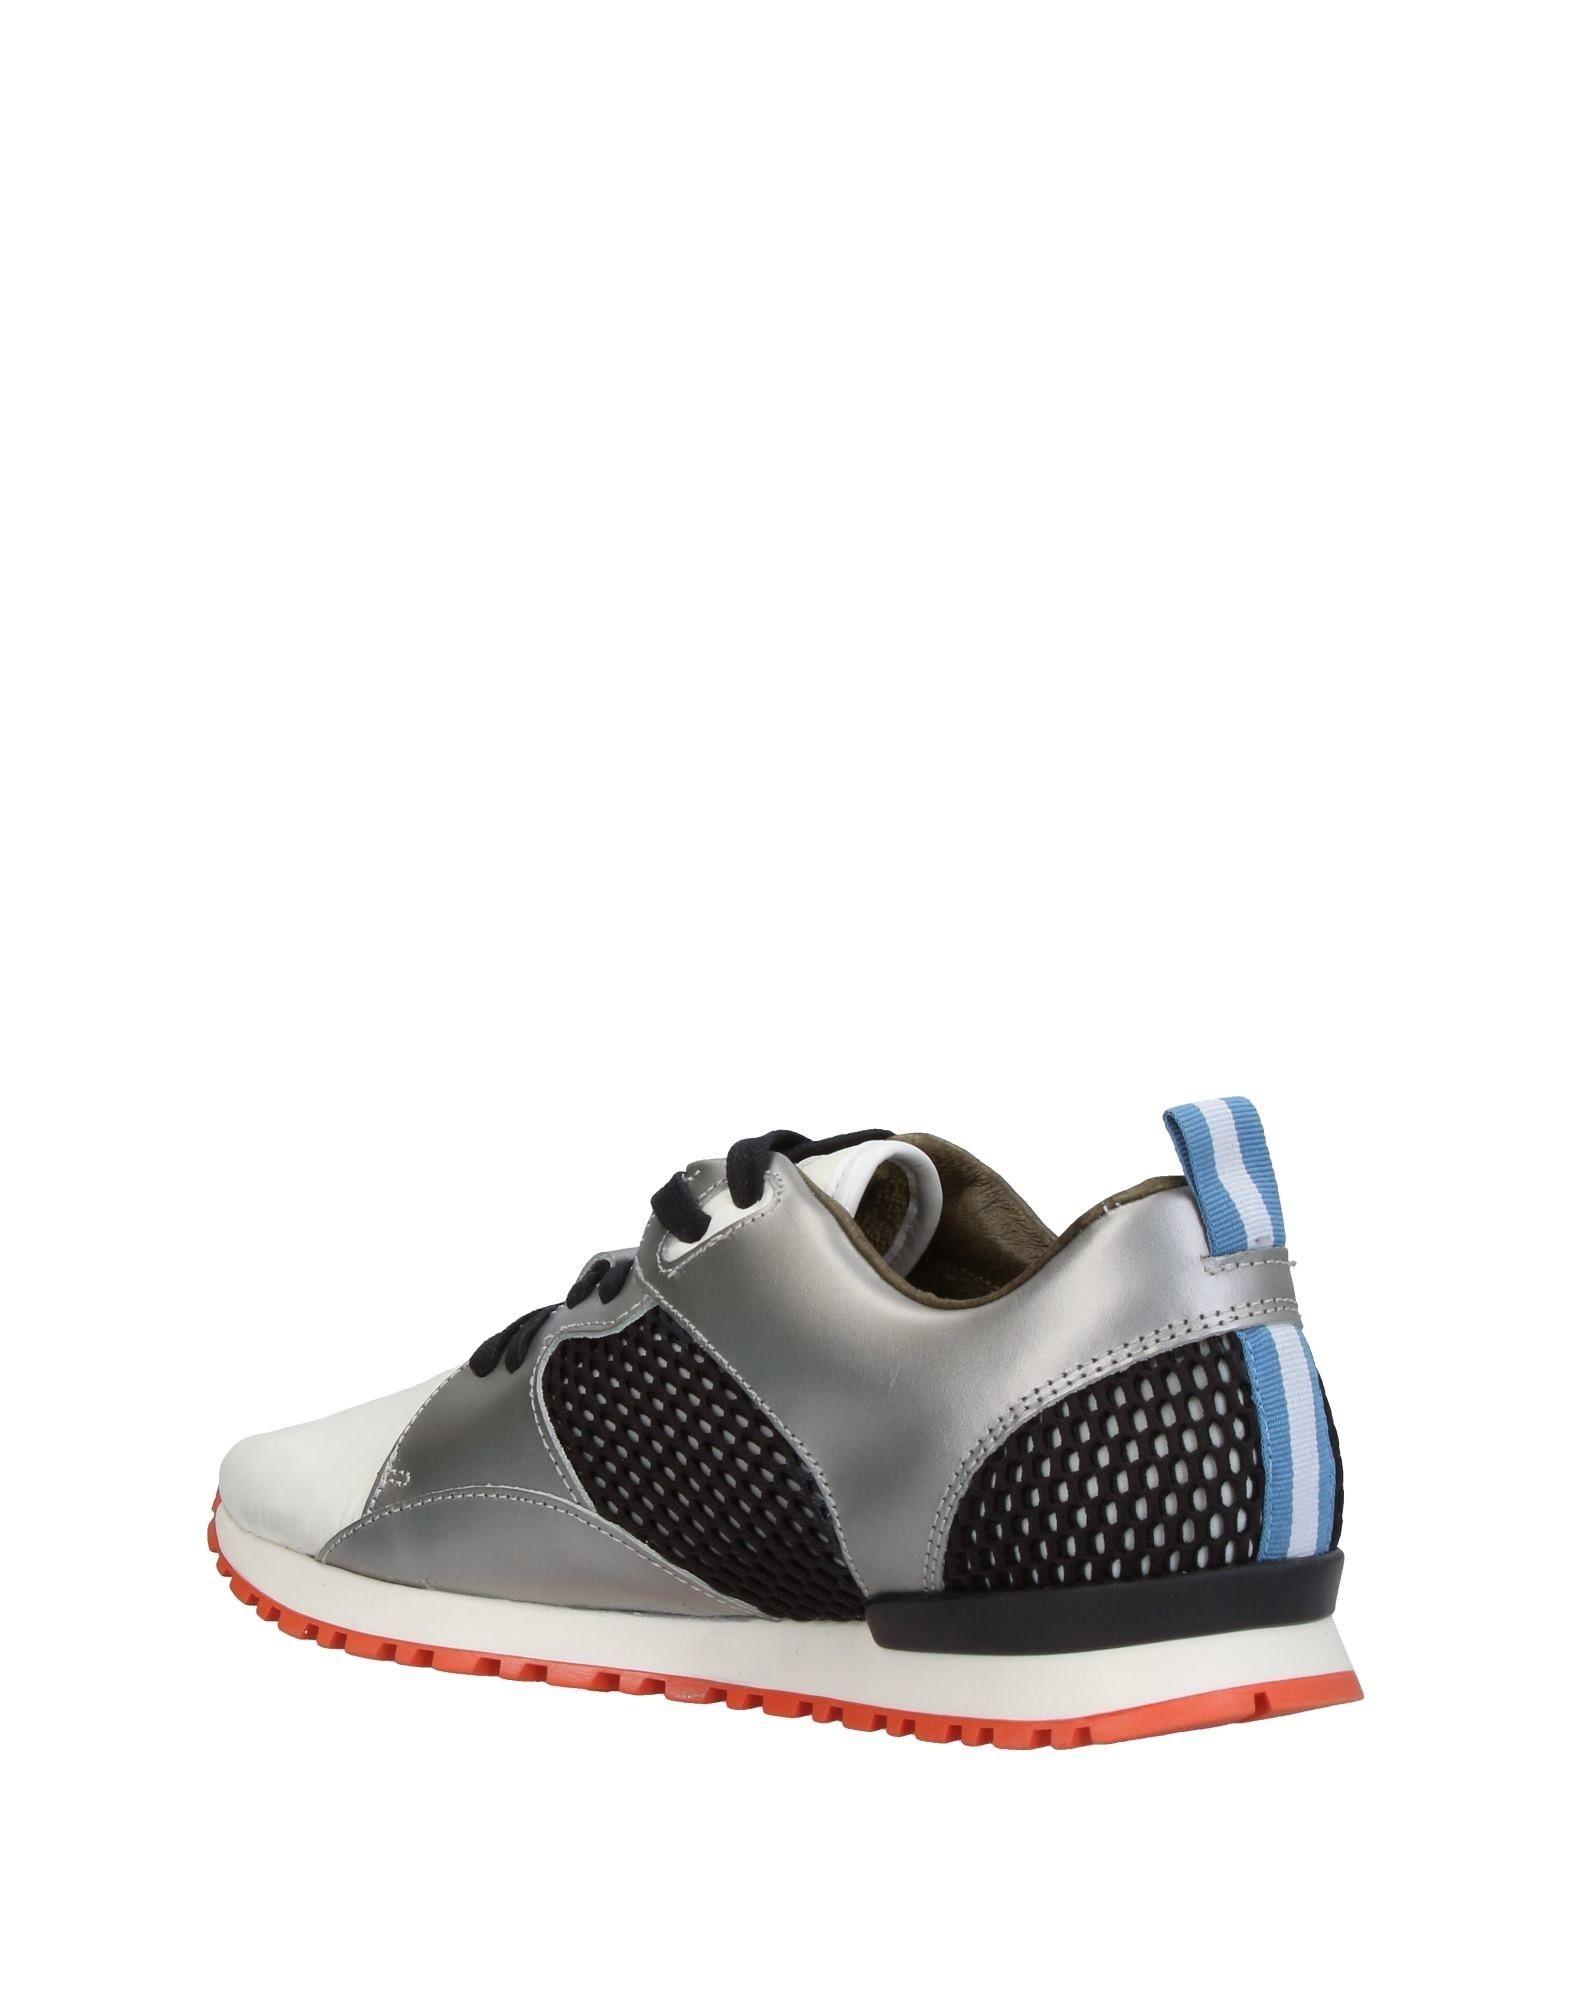 D.A.T.E. Sneakers Damen  11414469FS Schuhe Gute Qualität beliebte Schuhe 11414469FS 86fbe3